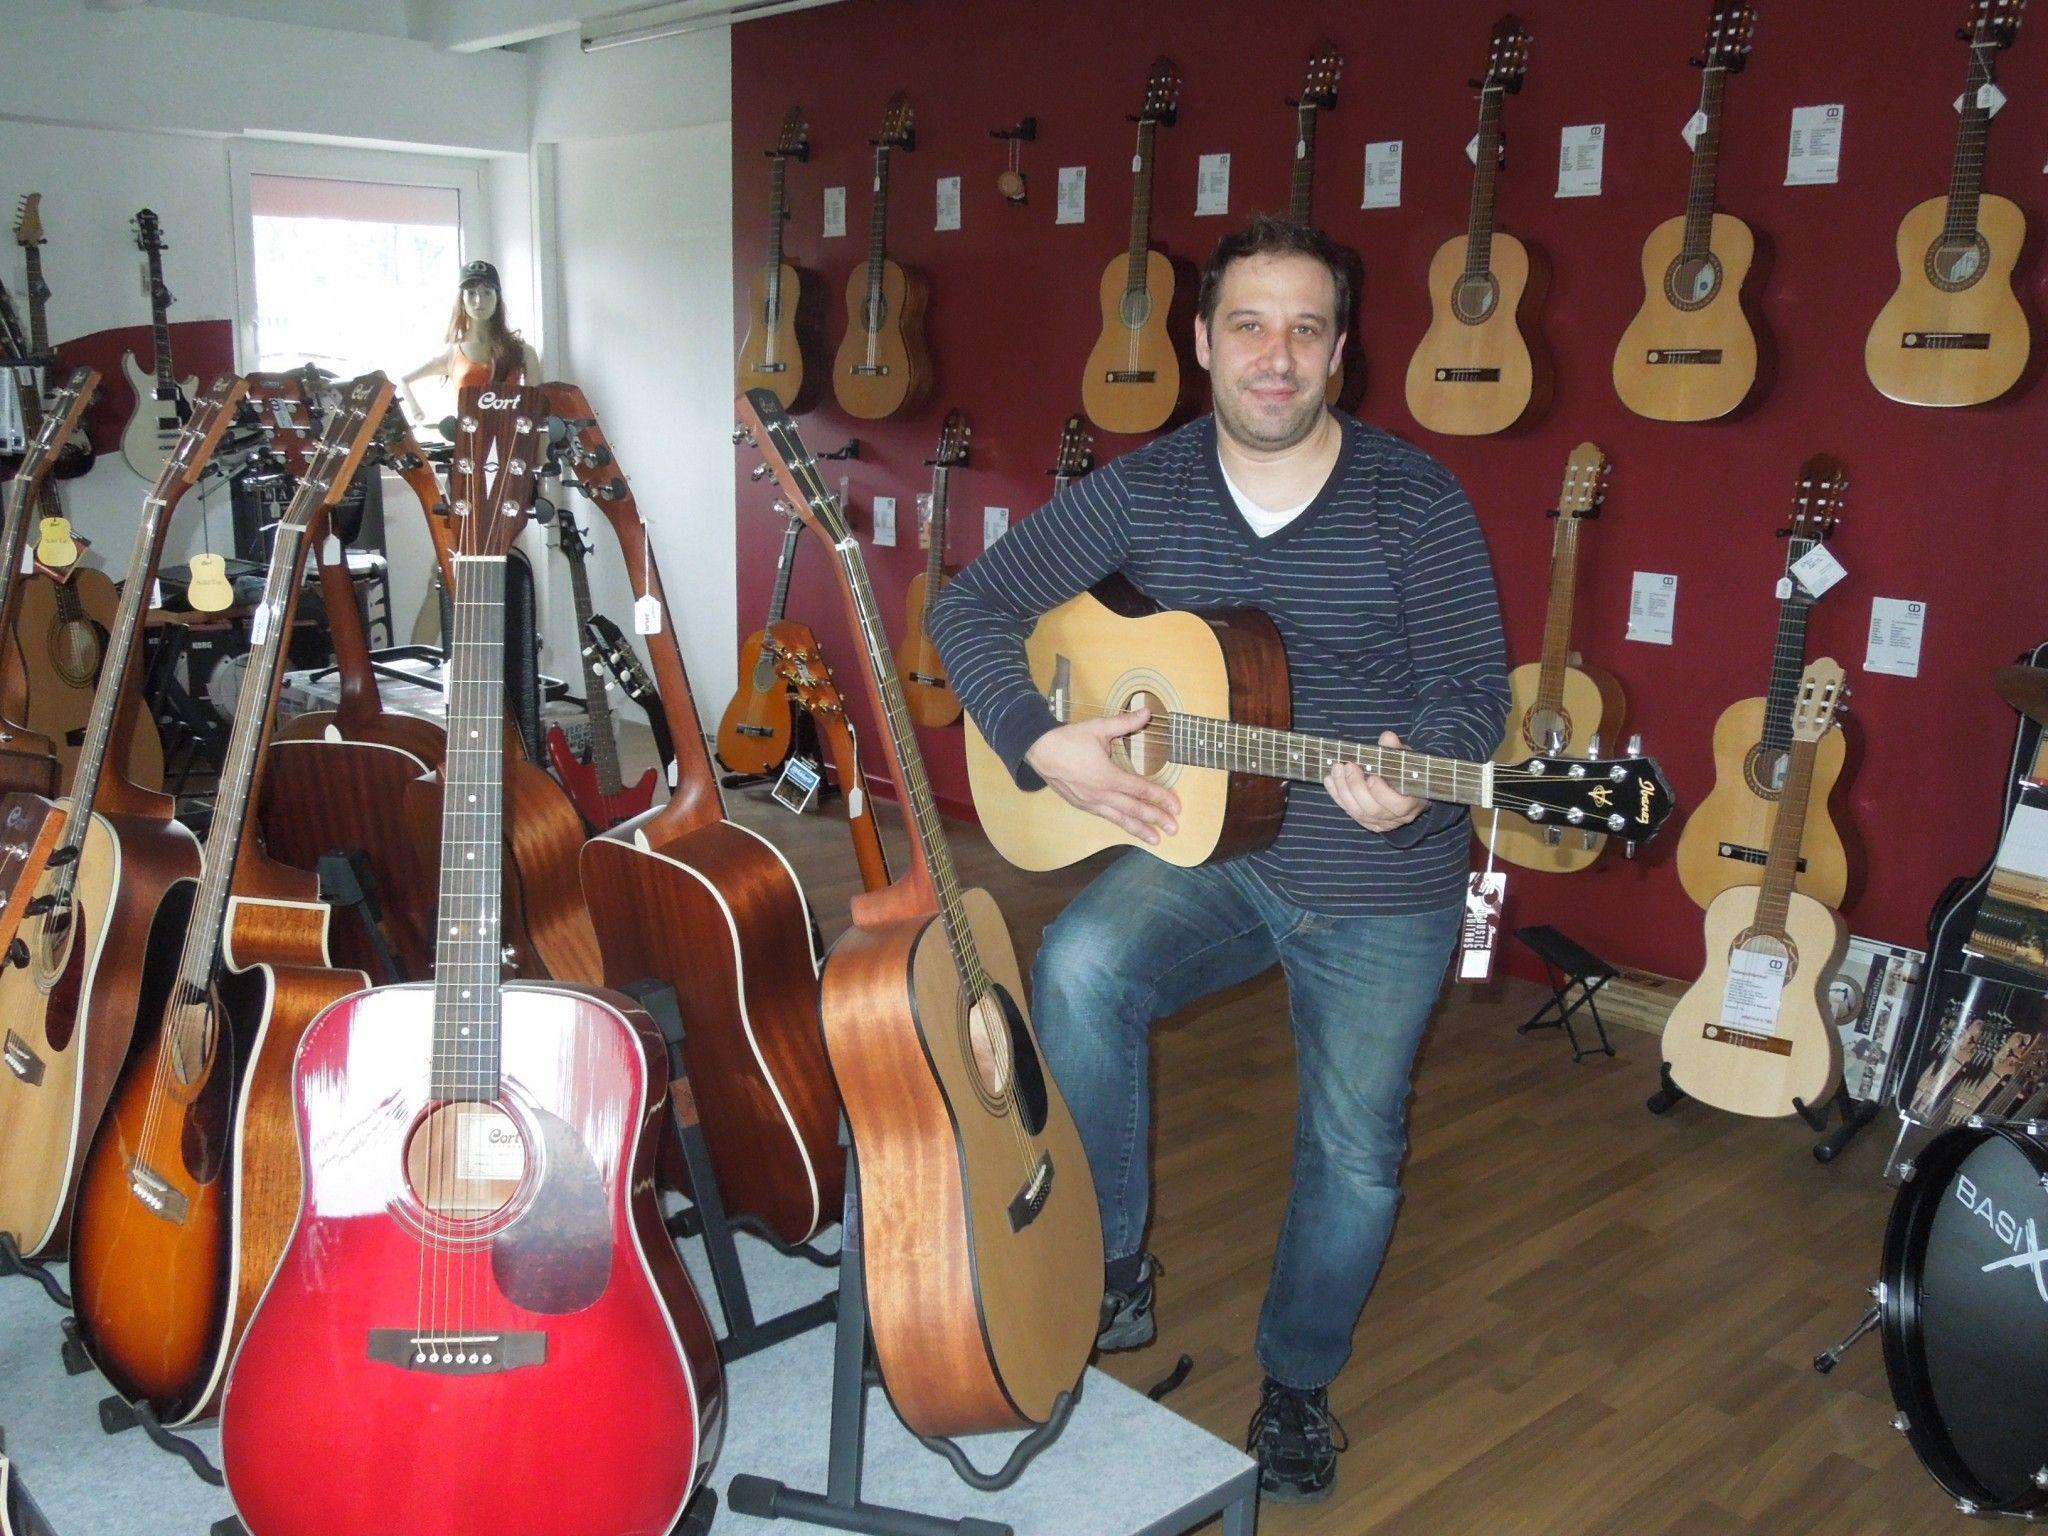 Christian Färber bietet seit vergangenem Jahr eine noch größere Auswahl an Musikinstrumenten an.